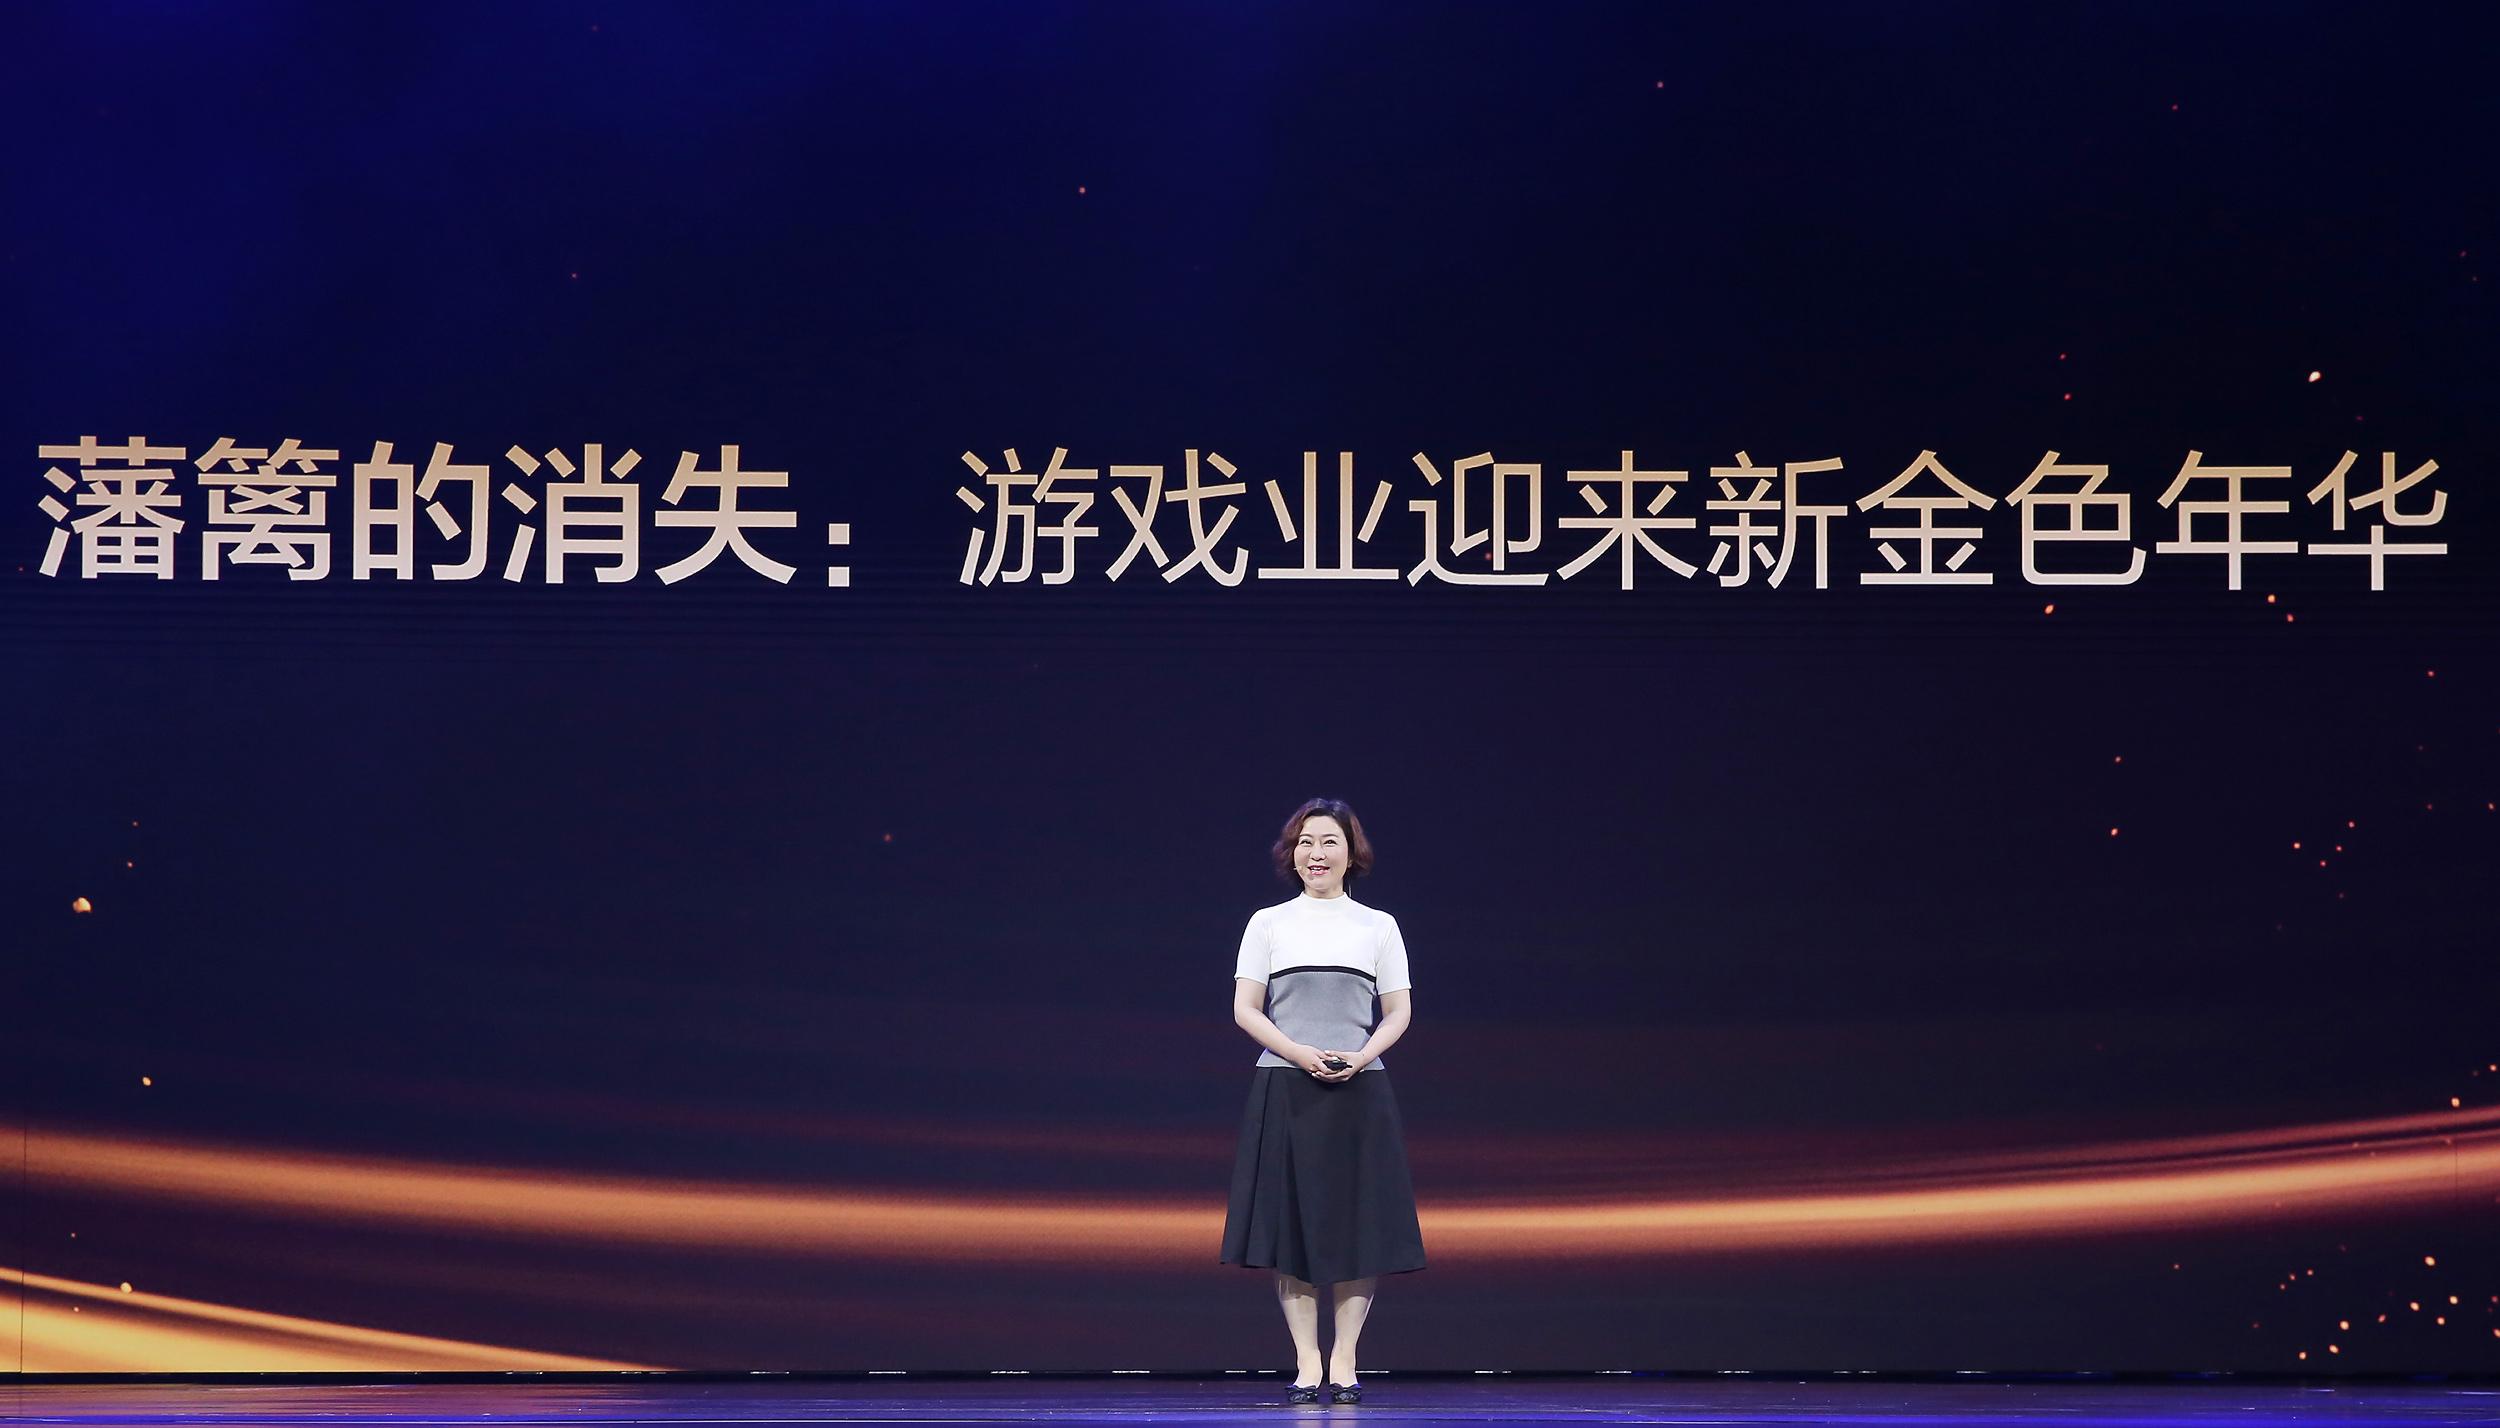 腾讯刘铭:六大藩篱正在消失,游戏需要更多社会价值